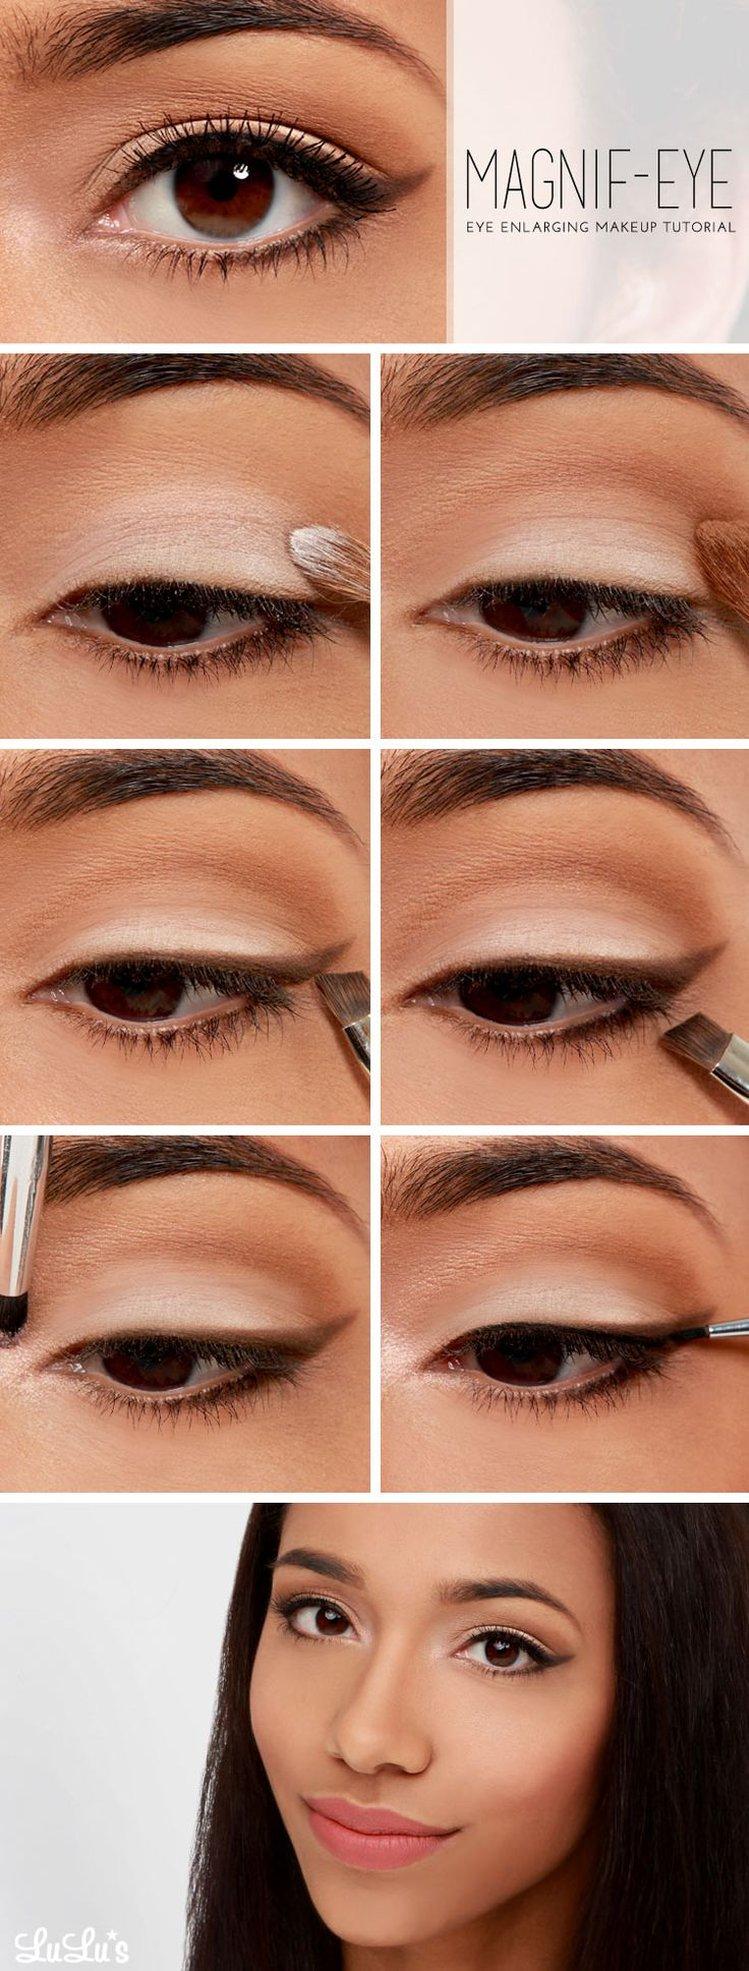 Макияж для нависшего века и увеличения глаз